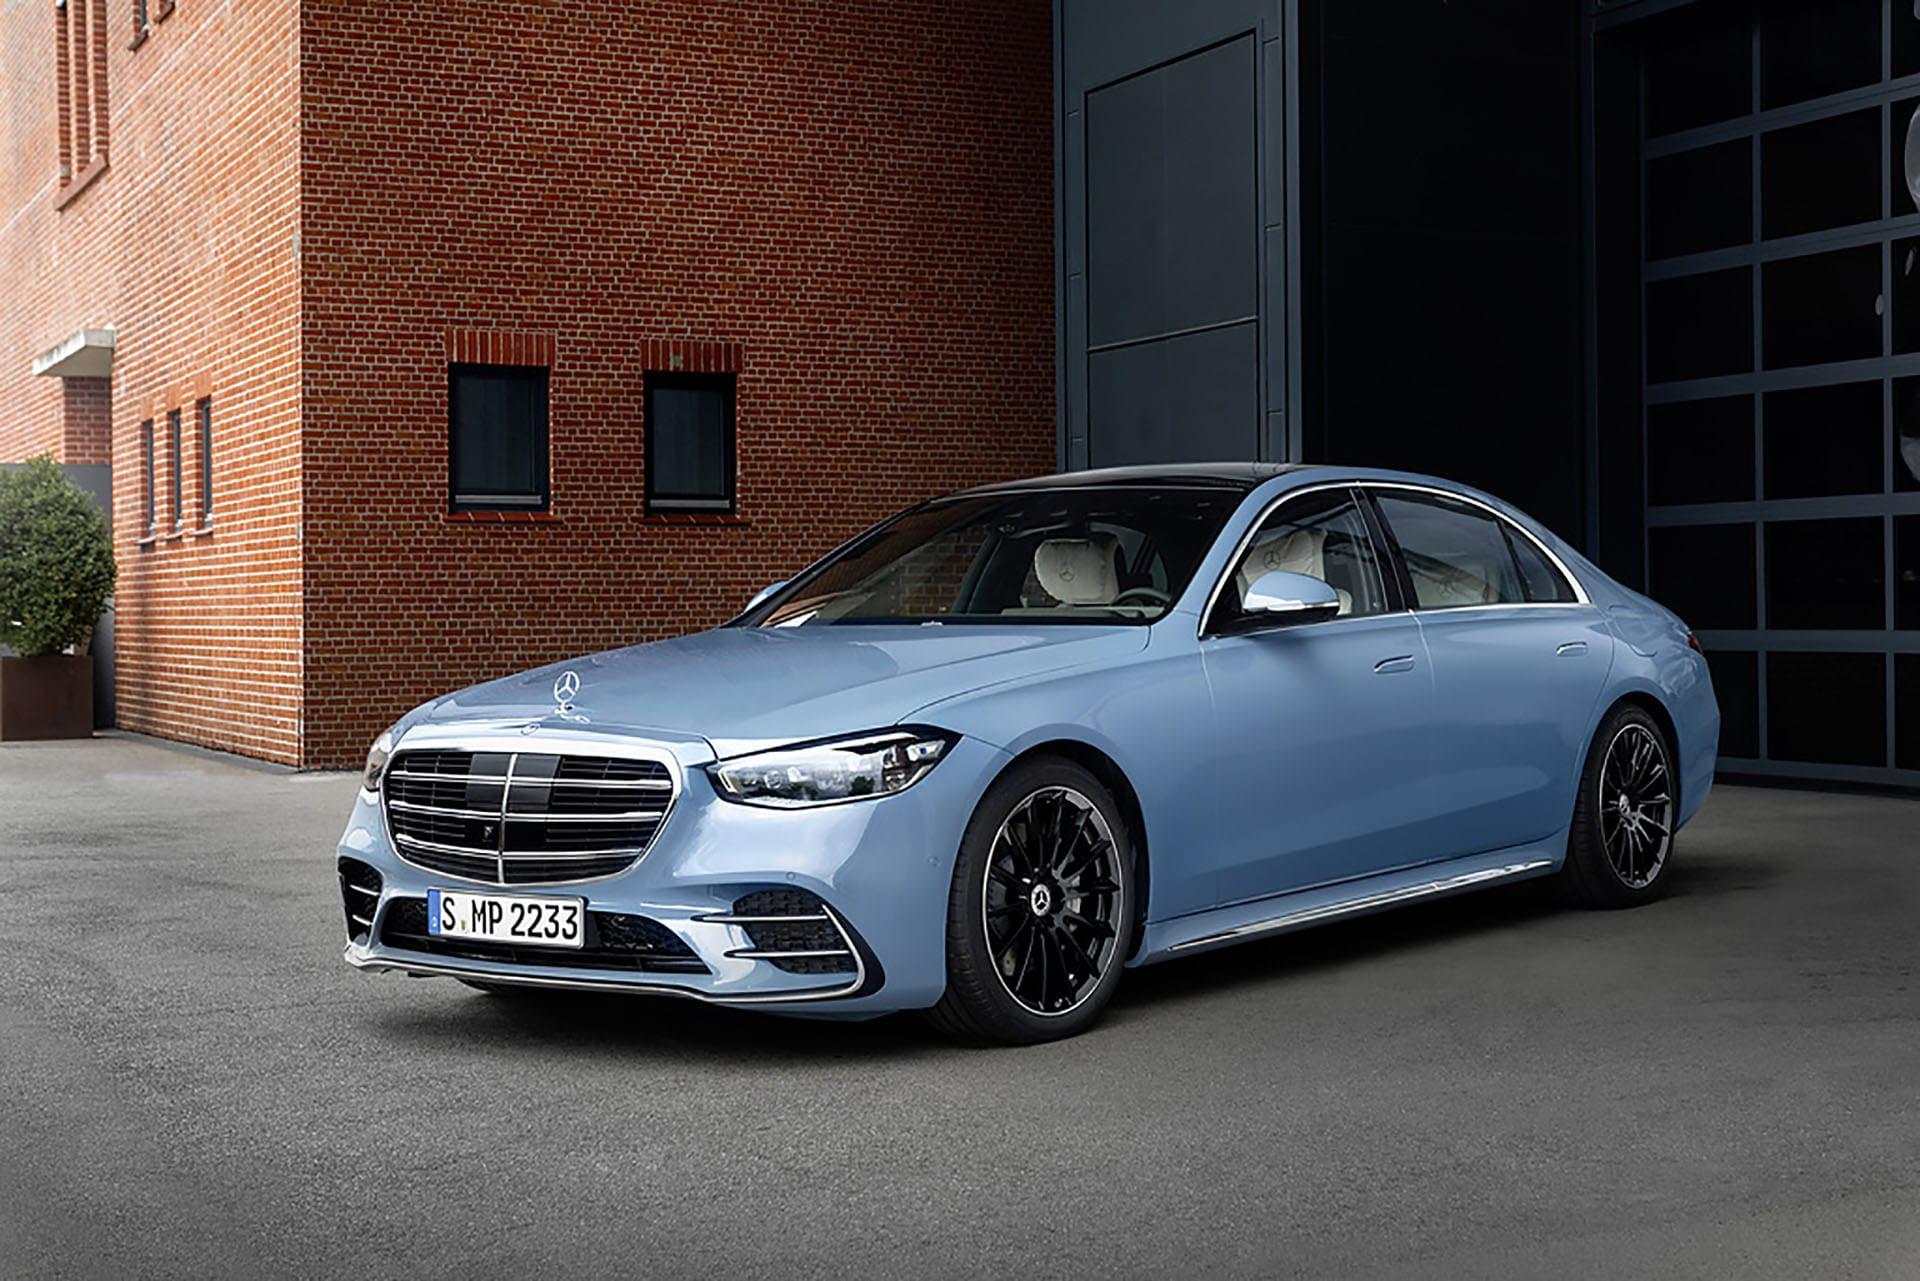 Новий бренд MANUFAKTUR від Mercedes-Benz: ексклюзивне обладнання за індивідуальними побажаннями клієнта